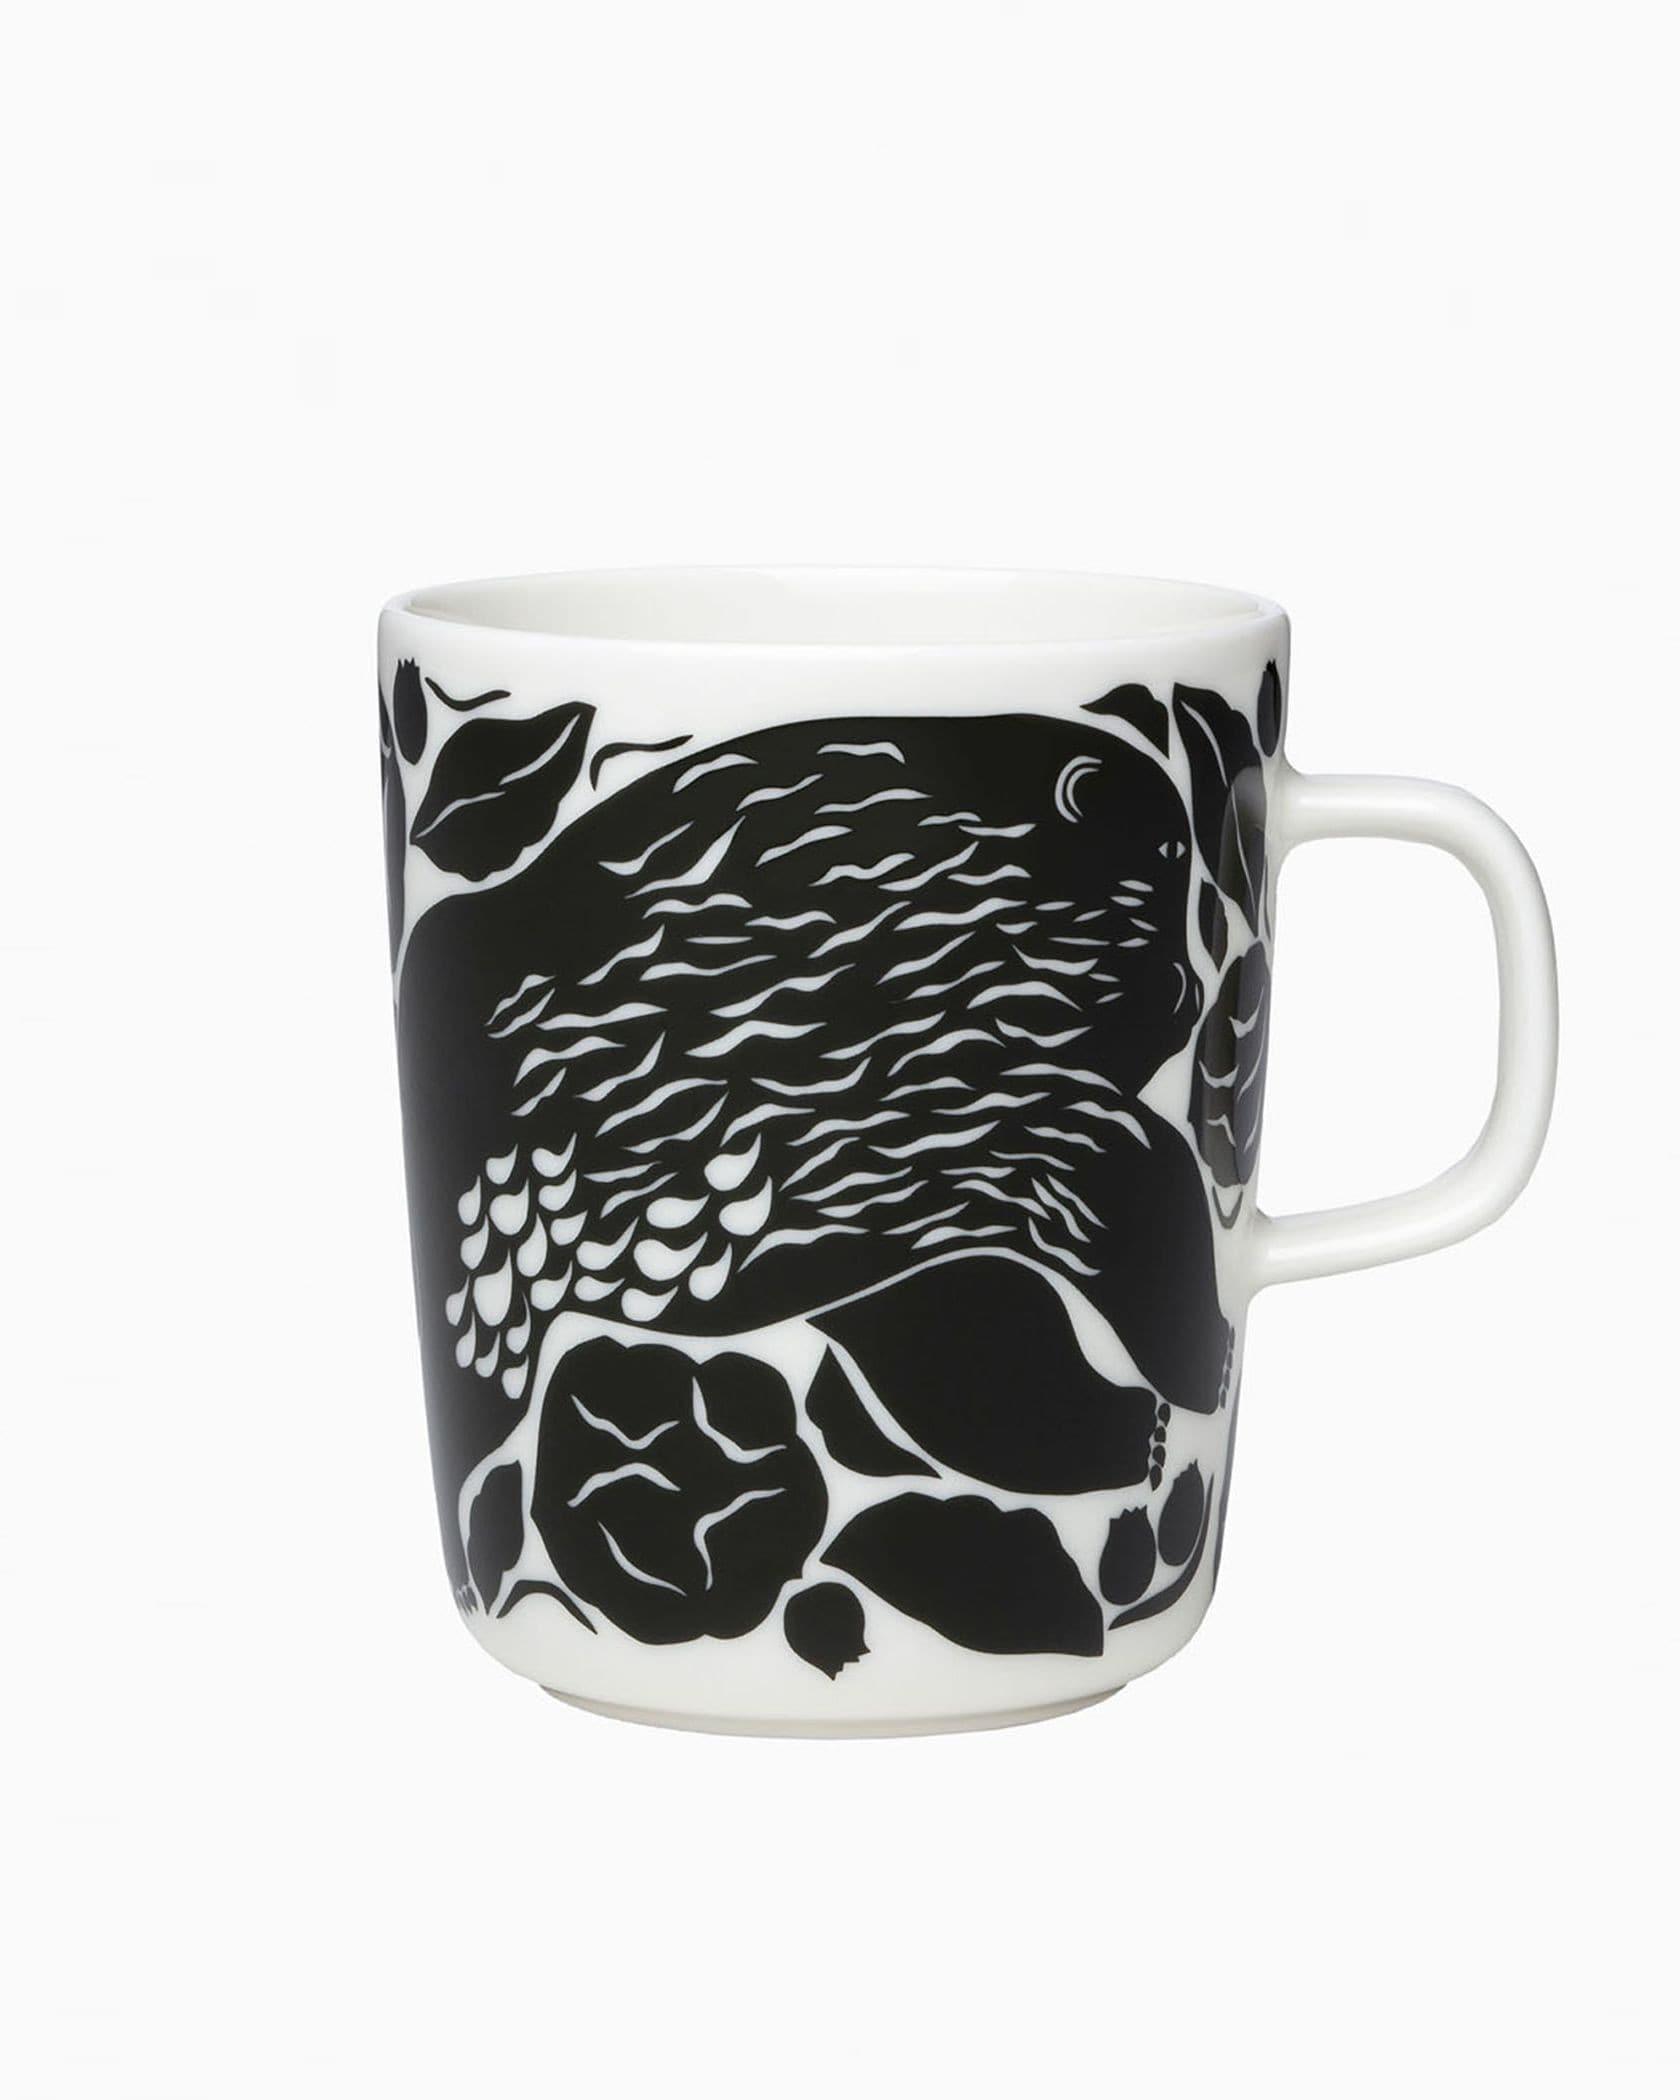 Karhuemo マグカップ